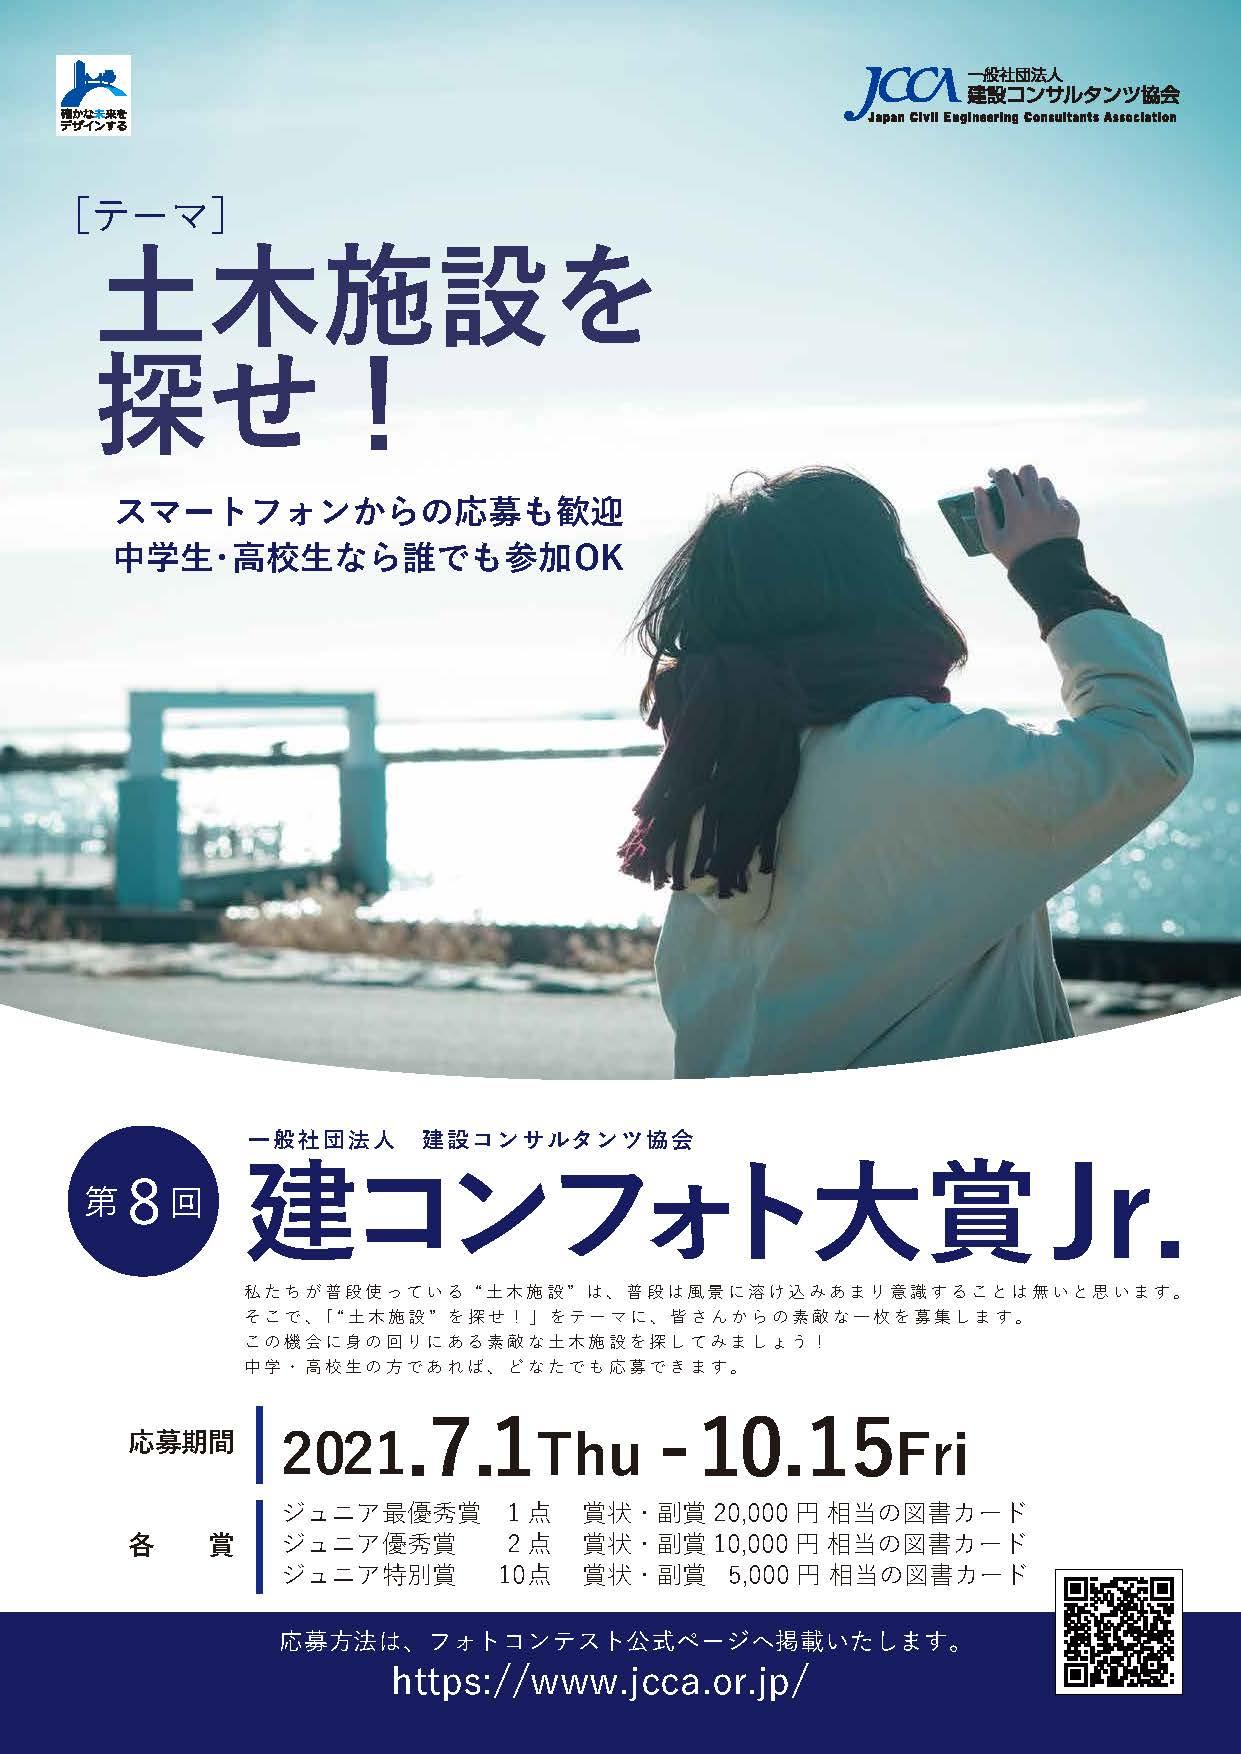 建コンフォト大賞Jr. 作品募集要項